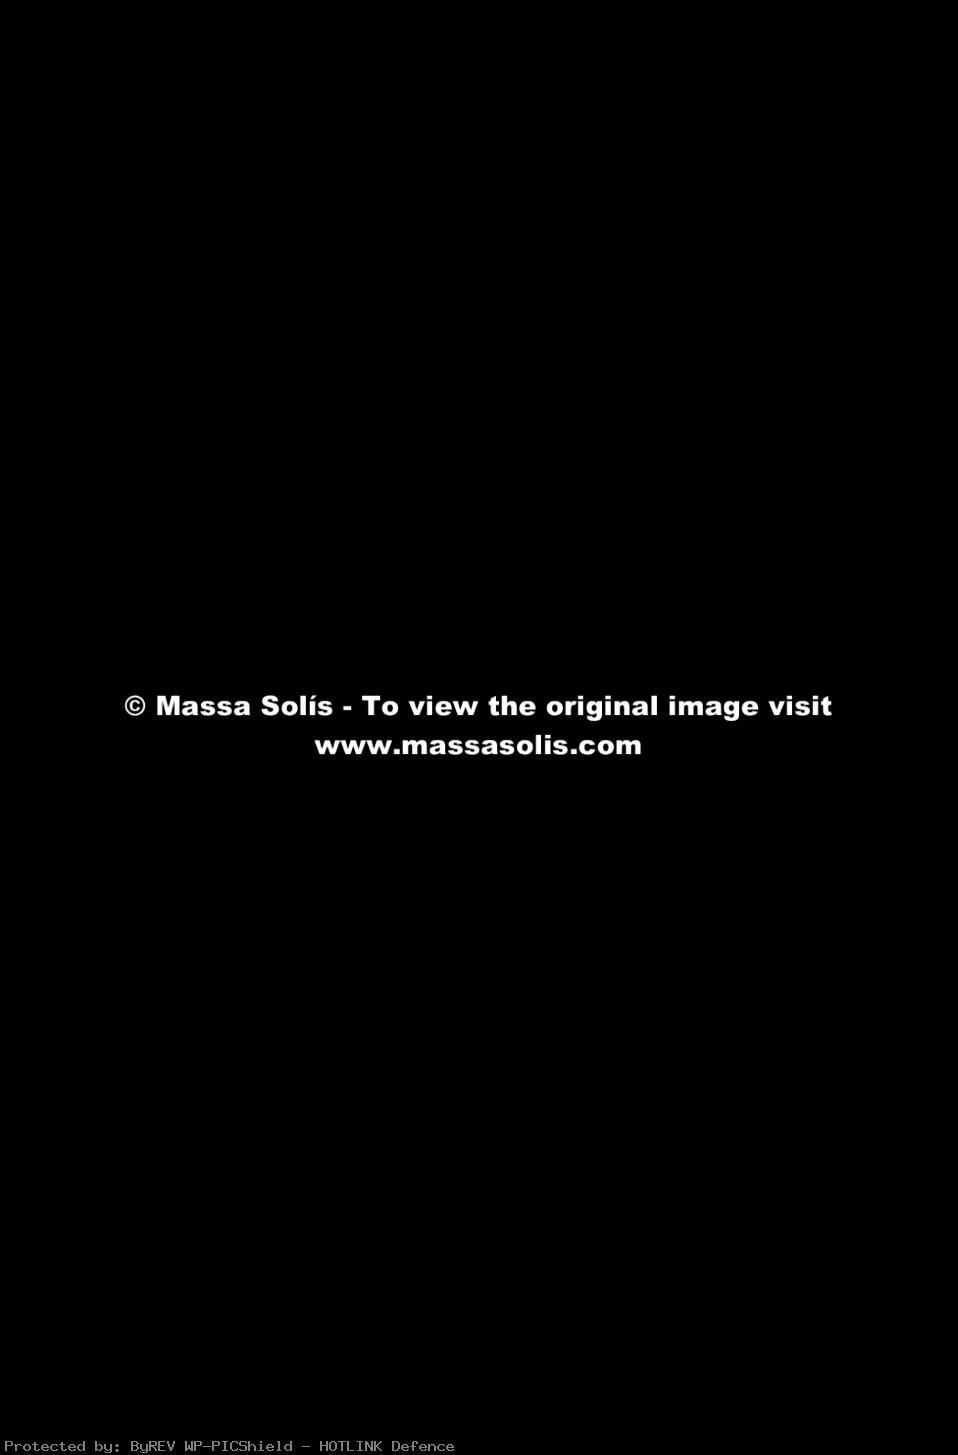 Massa Solís and Oswaldo Guayasamín (Cáceres, 1994)